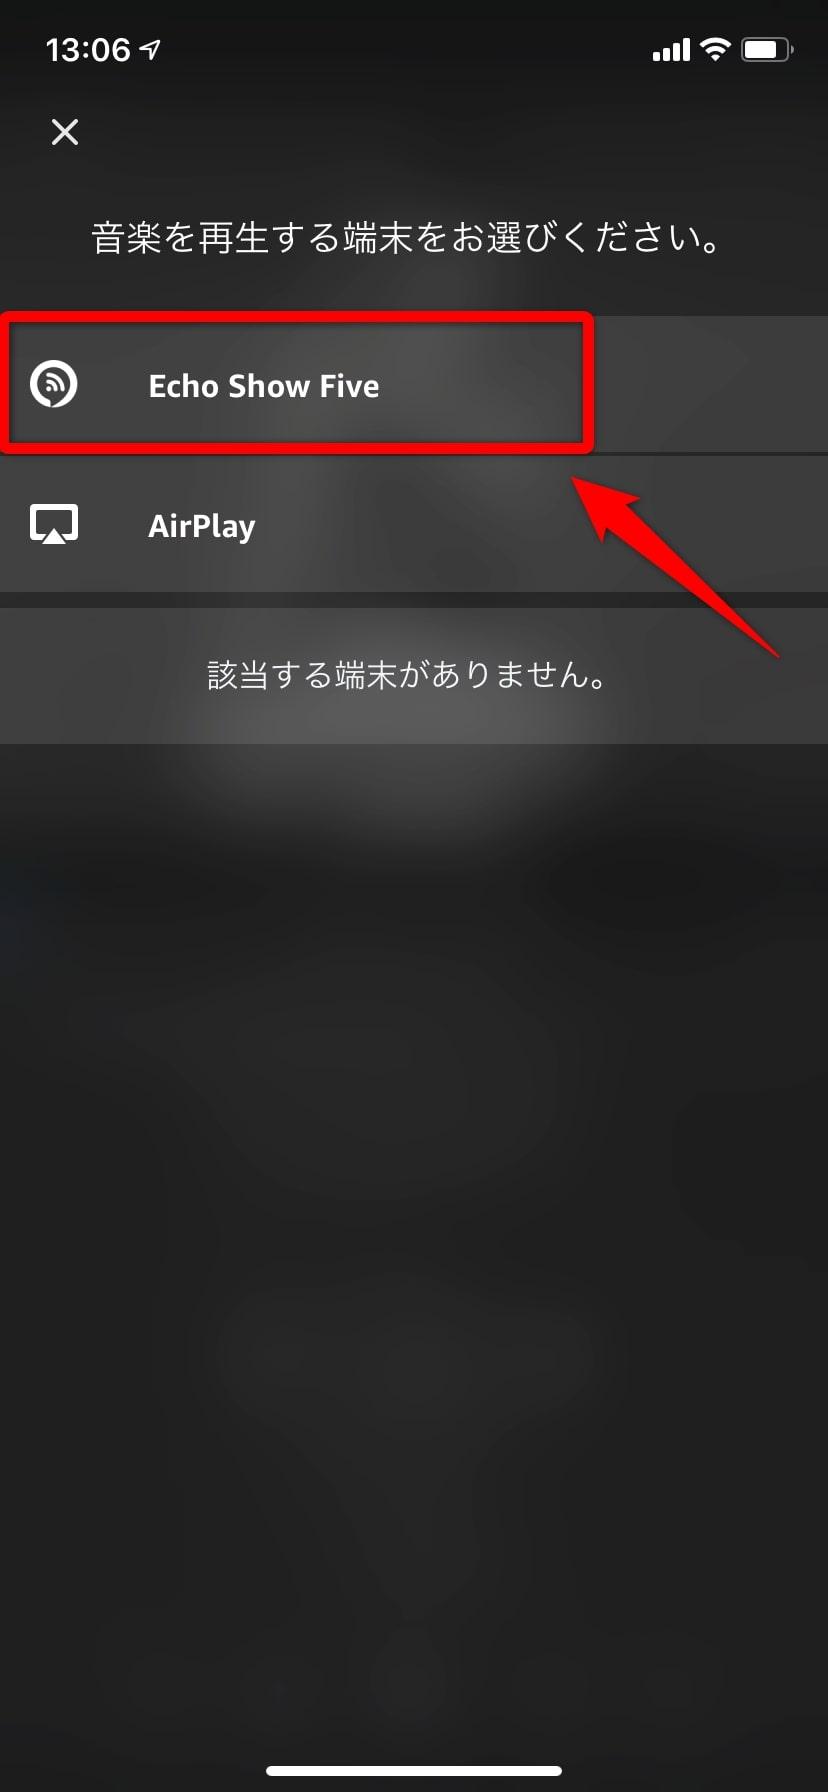 Echo Show 5で聴くAmazon Musicの使い方、設定とは?